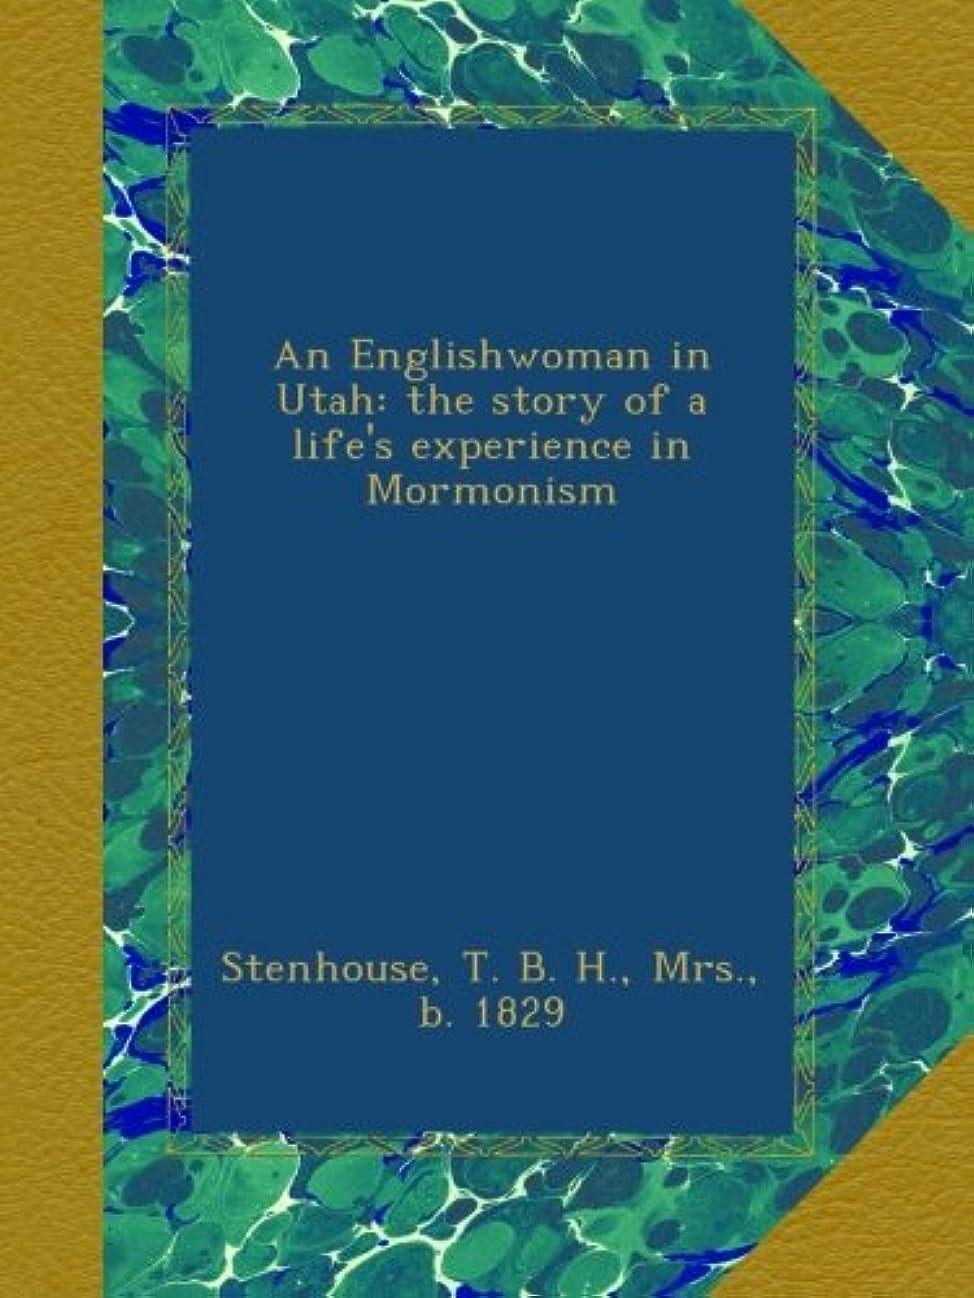 エージェント好ましい批判An Englishwoman in Utah: the story of a life's experience in Mormonism